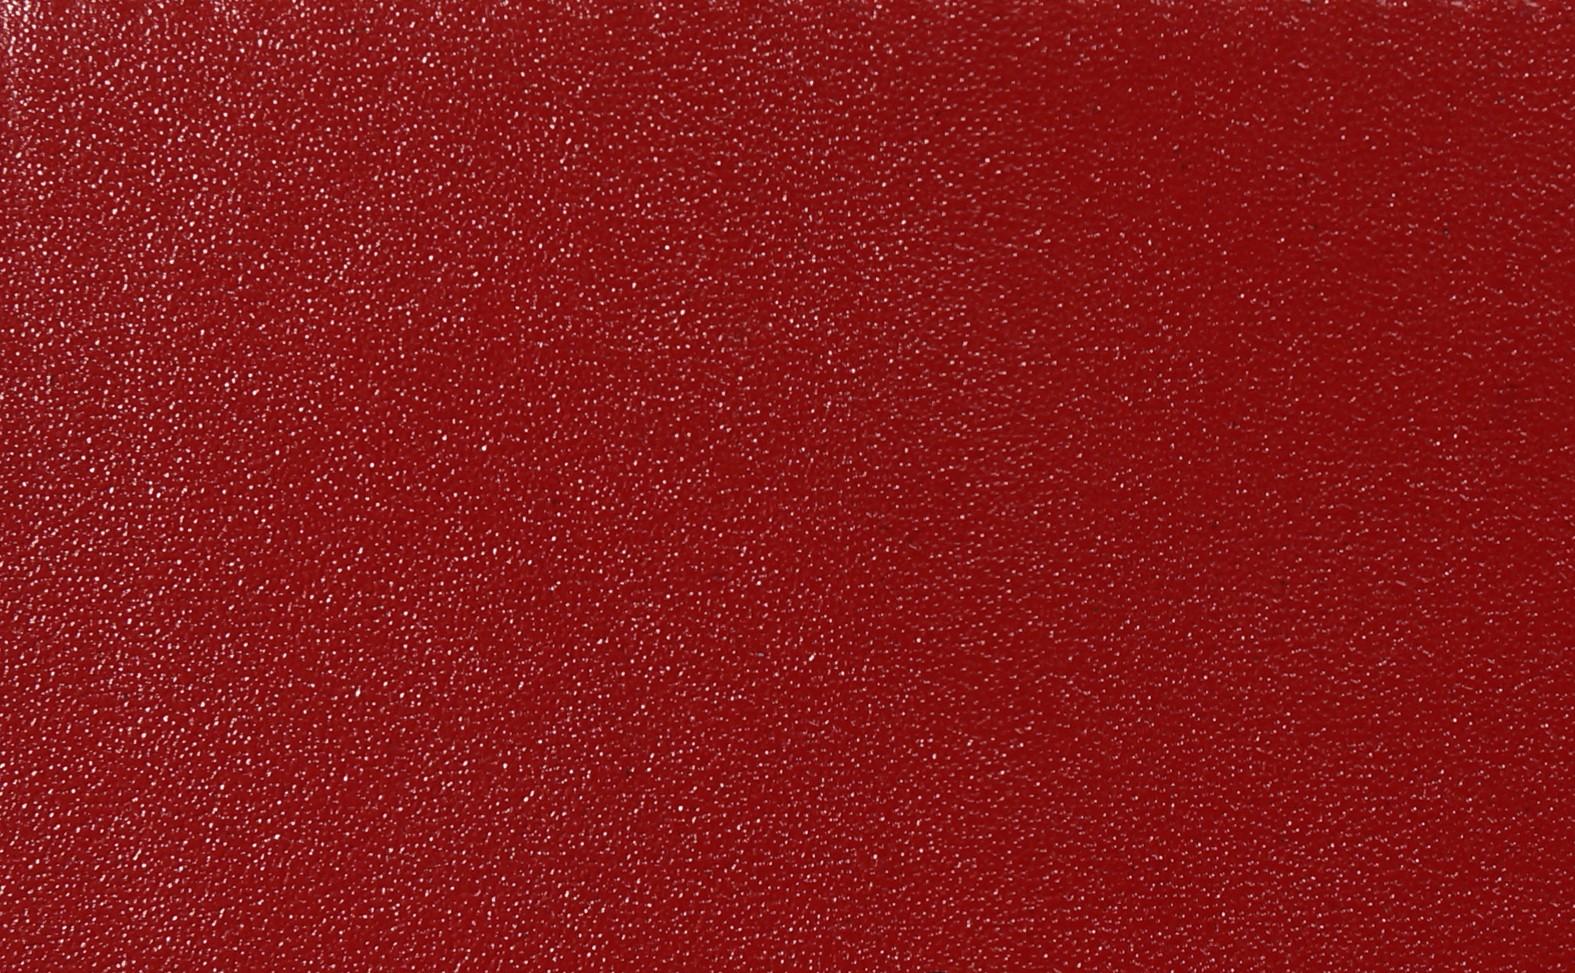 Exentri Wallet - Red - Ohne RFID Schutz - 4